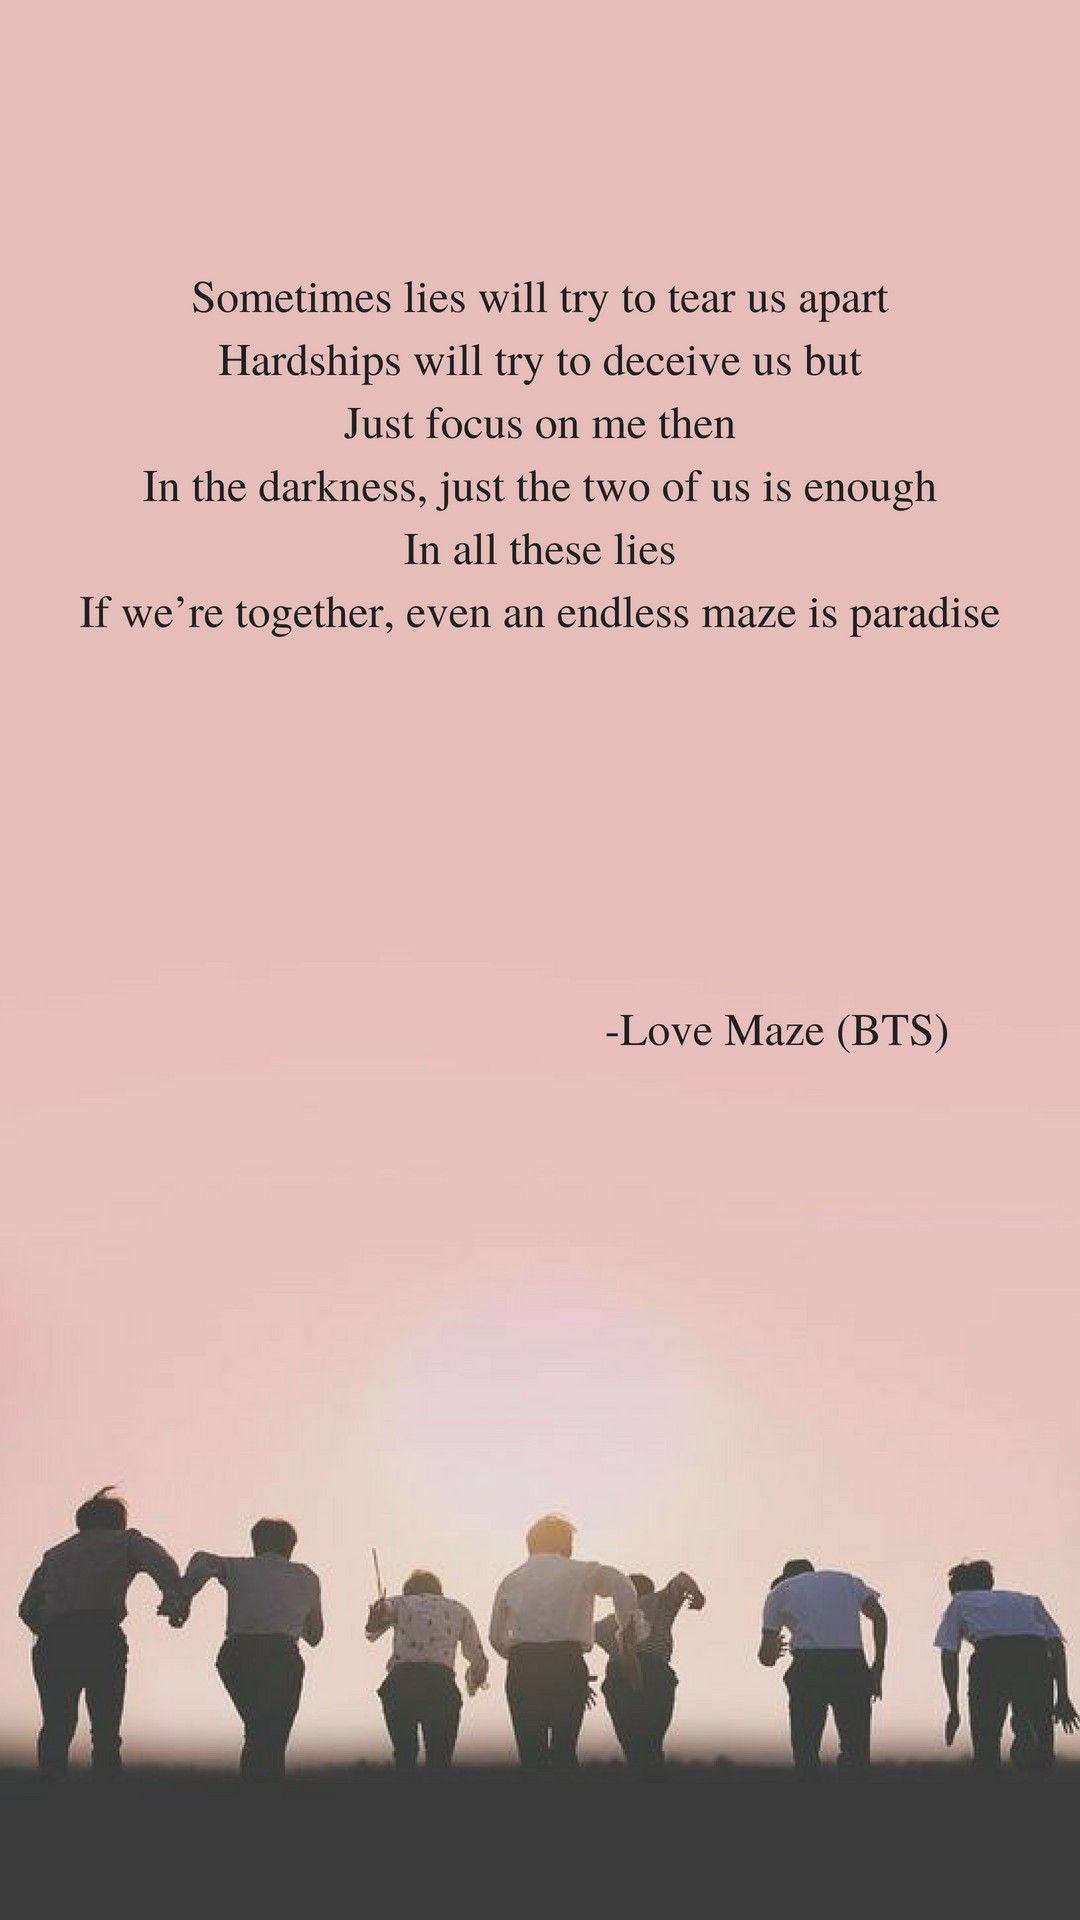 Love Maze BTS Lyrics Wallpaper Fondos Bts Fondo De Pantalla Imagenes